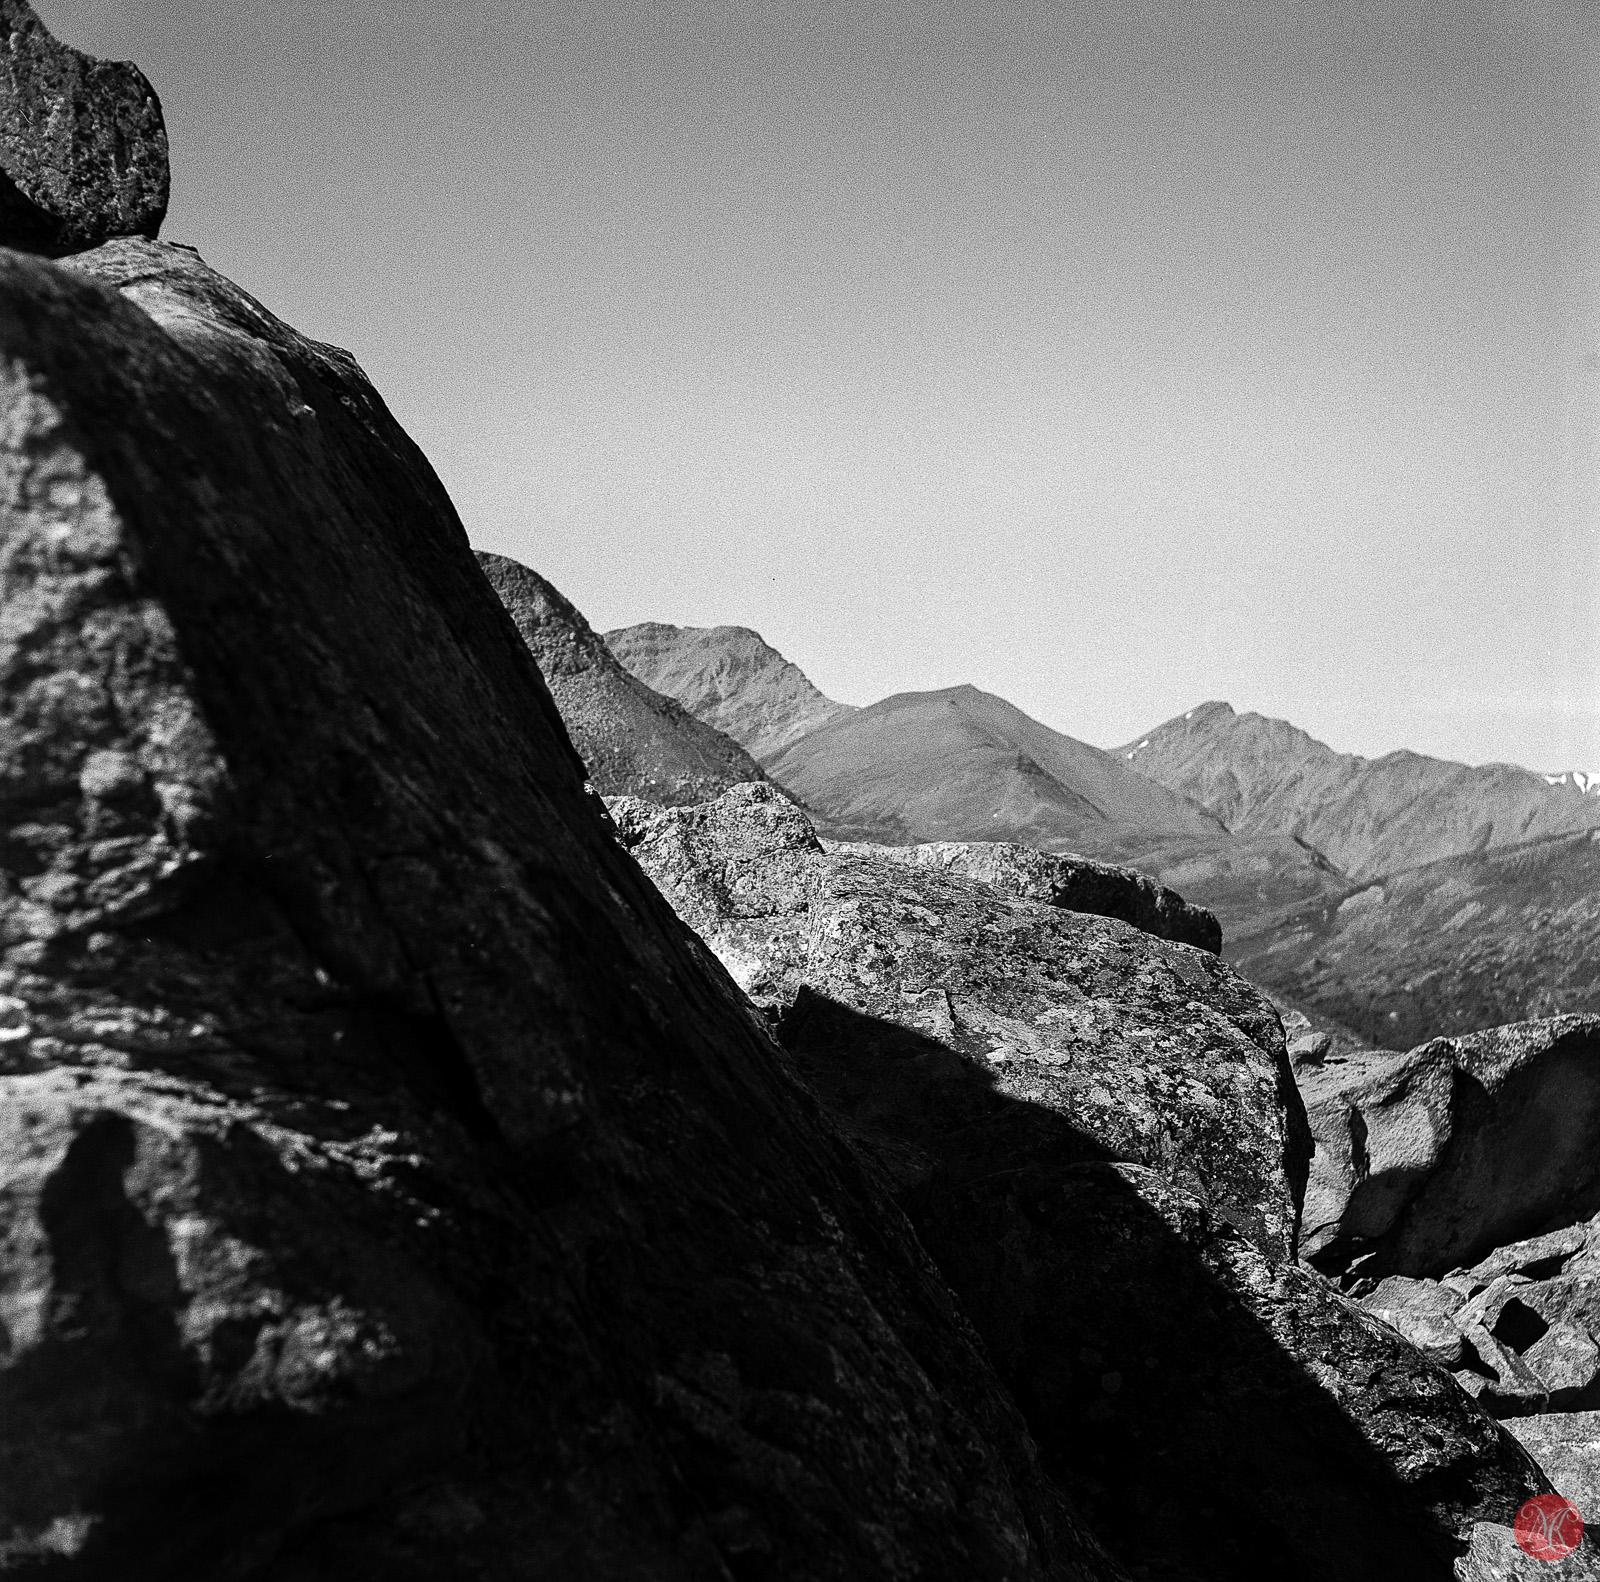 13 whistler mountain jasper.jpg